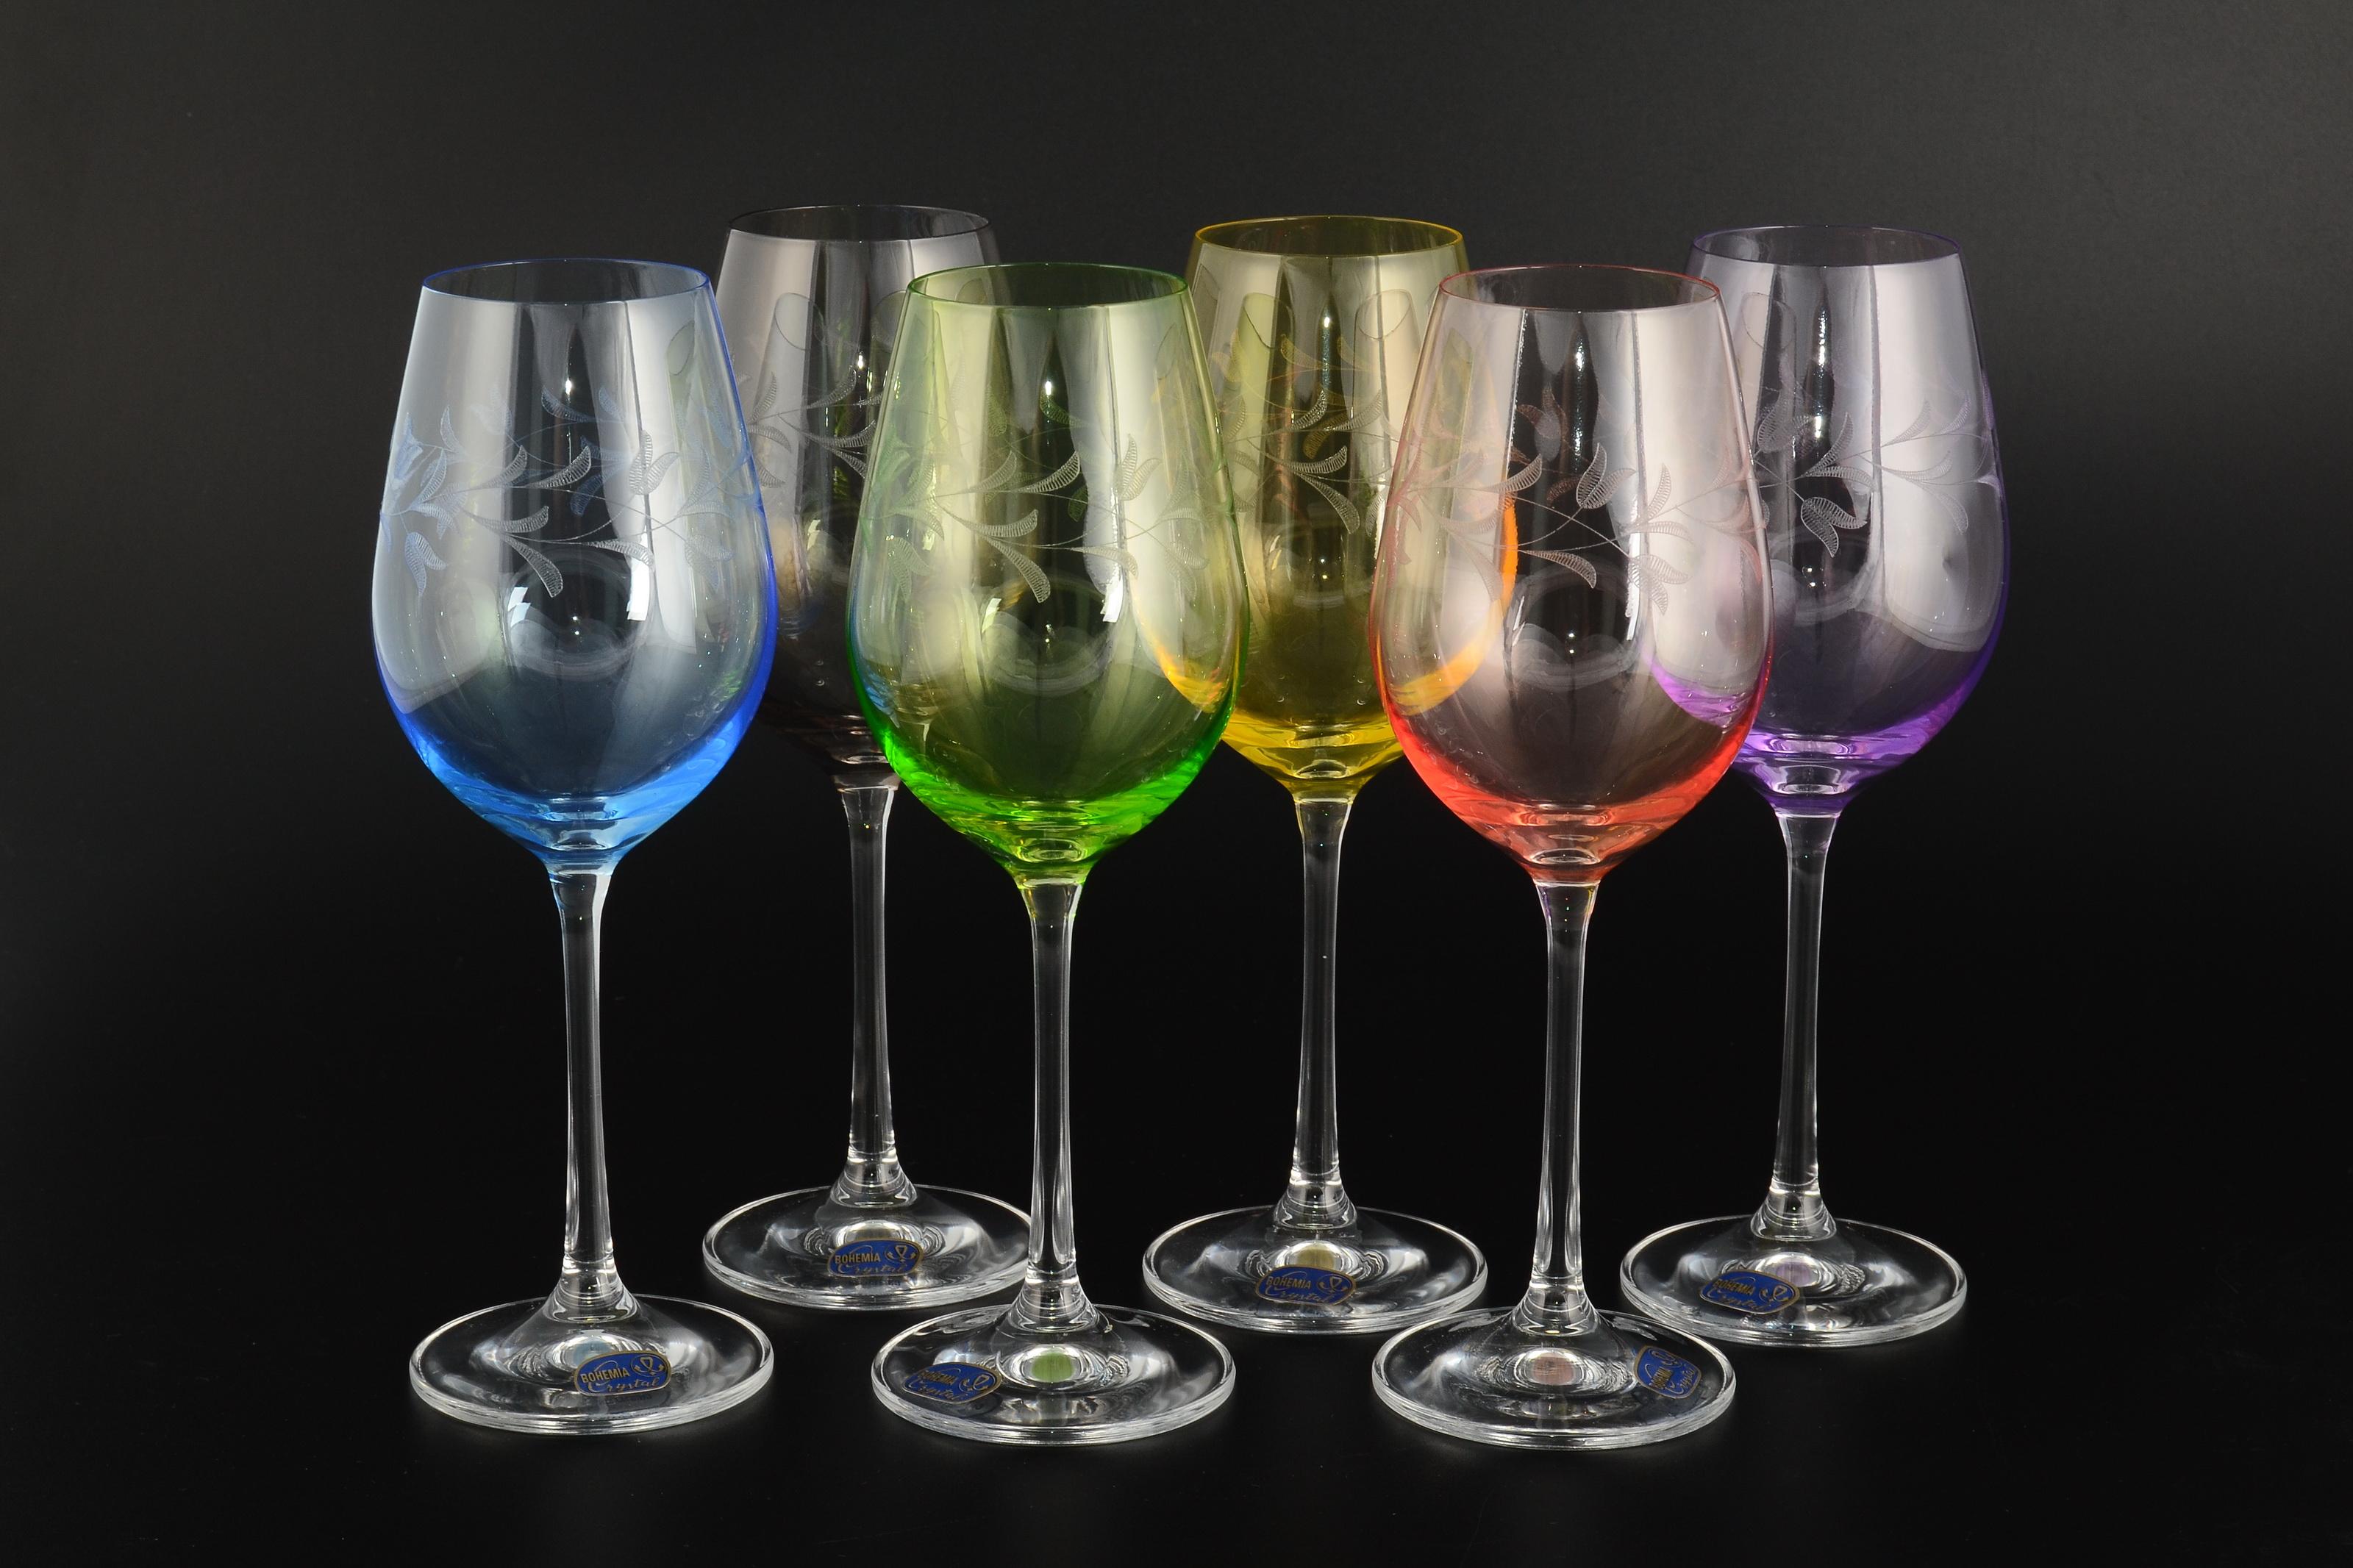 красивые винные бокалы